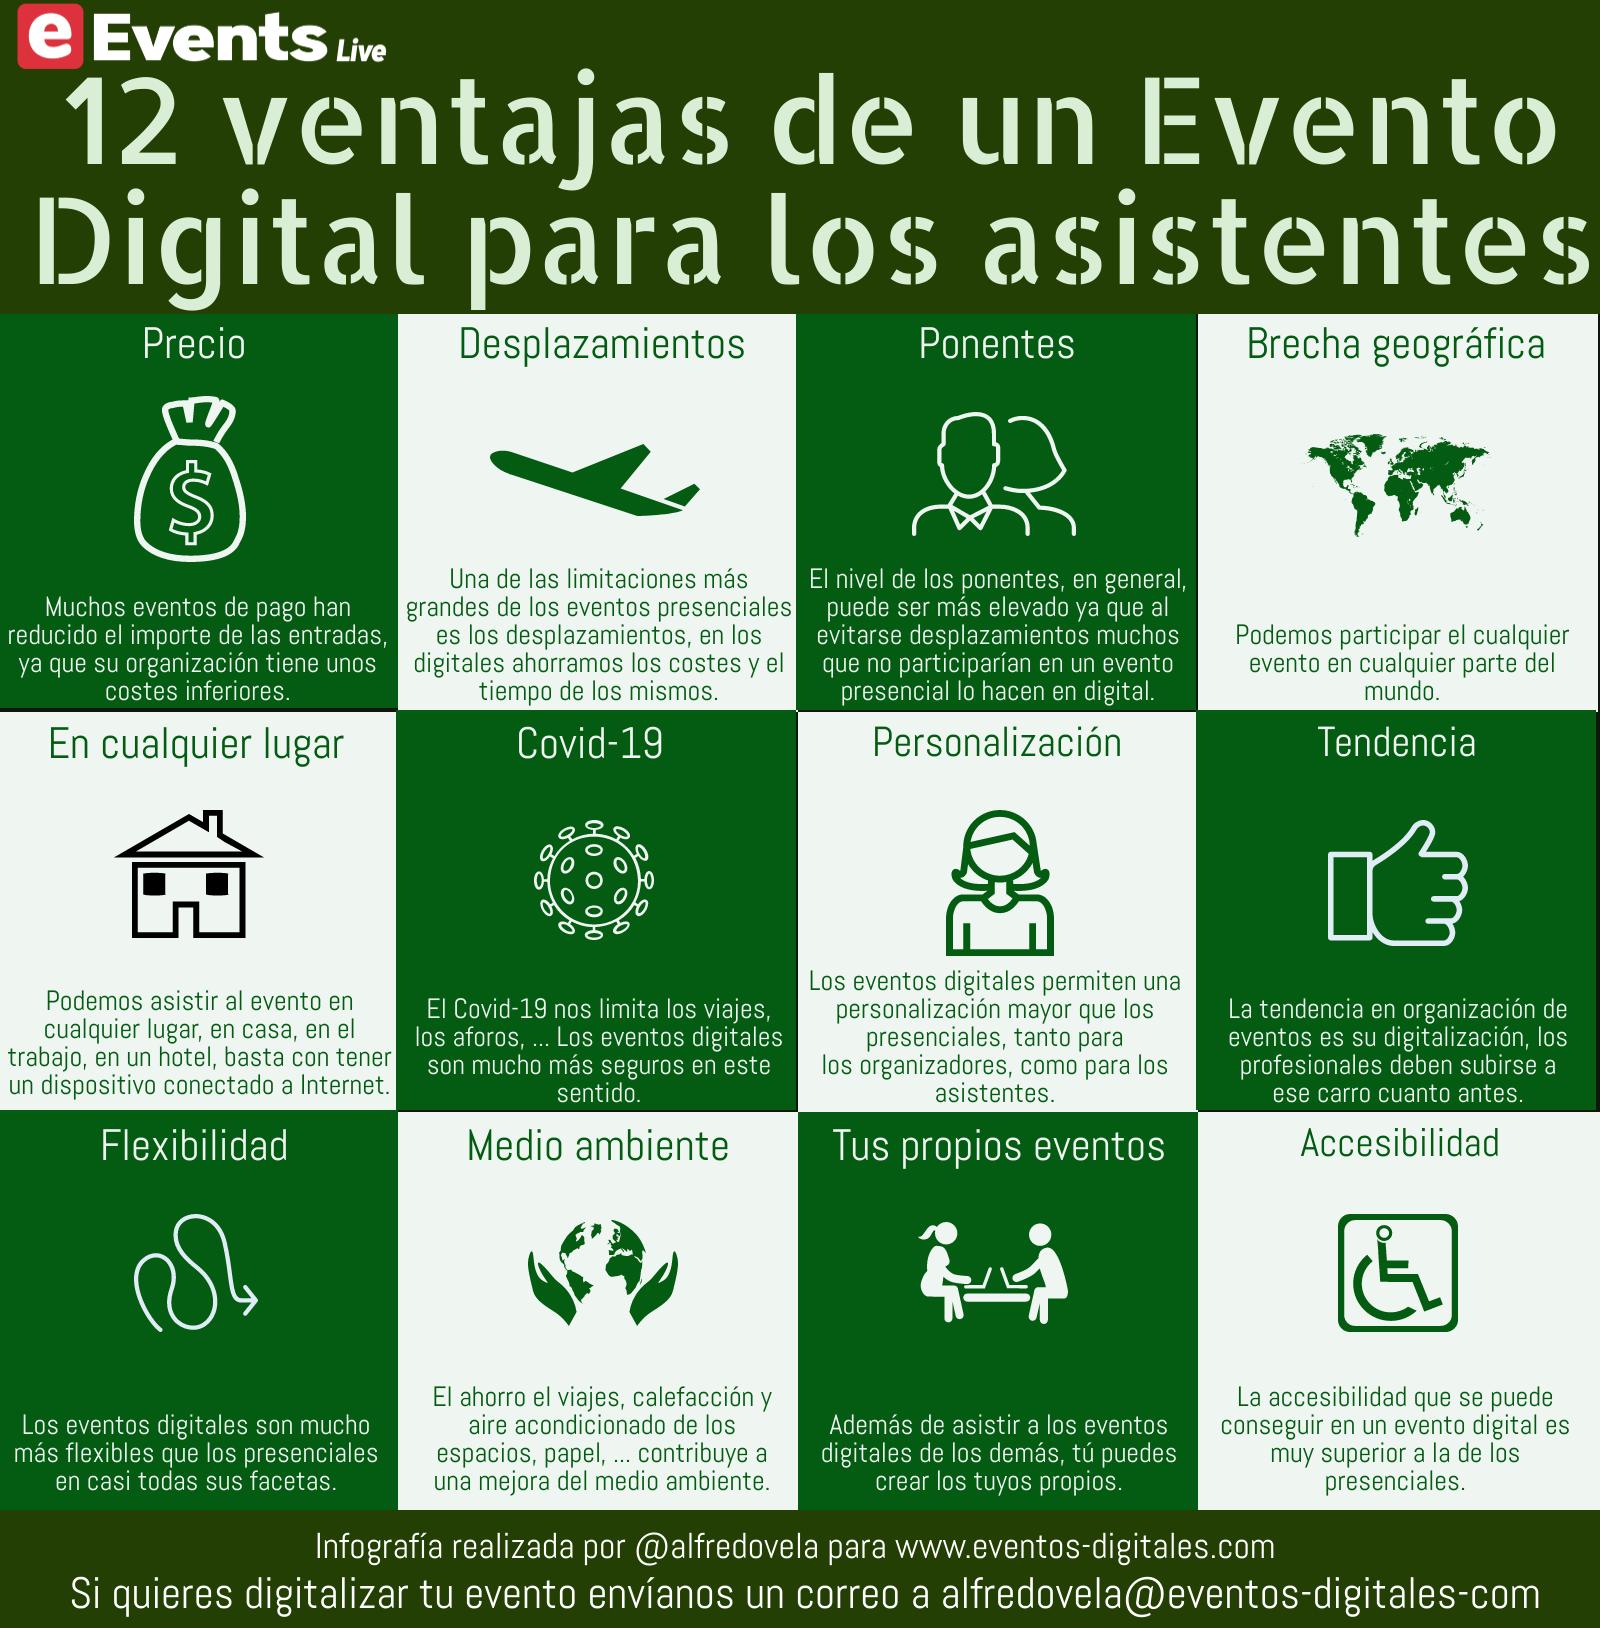 12 ventajas de un Evento Digital para los asistentes #infografia #eventos #marketing